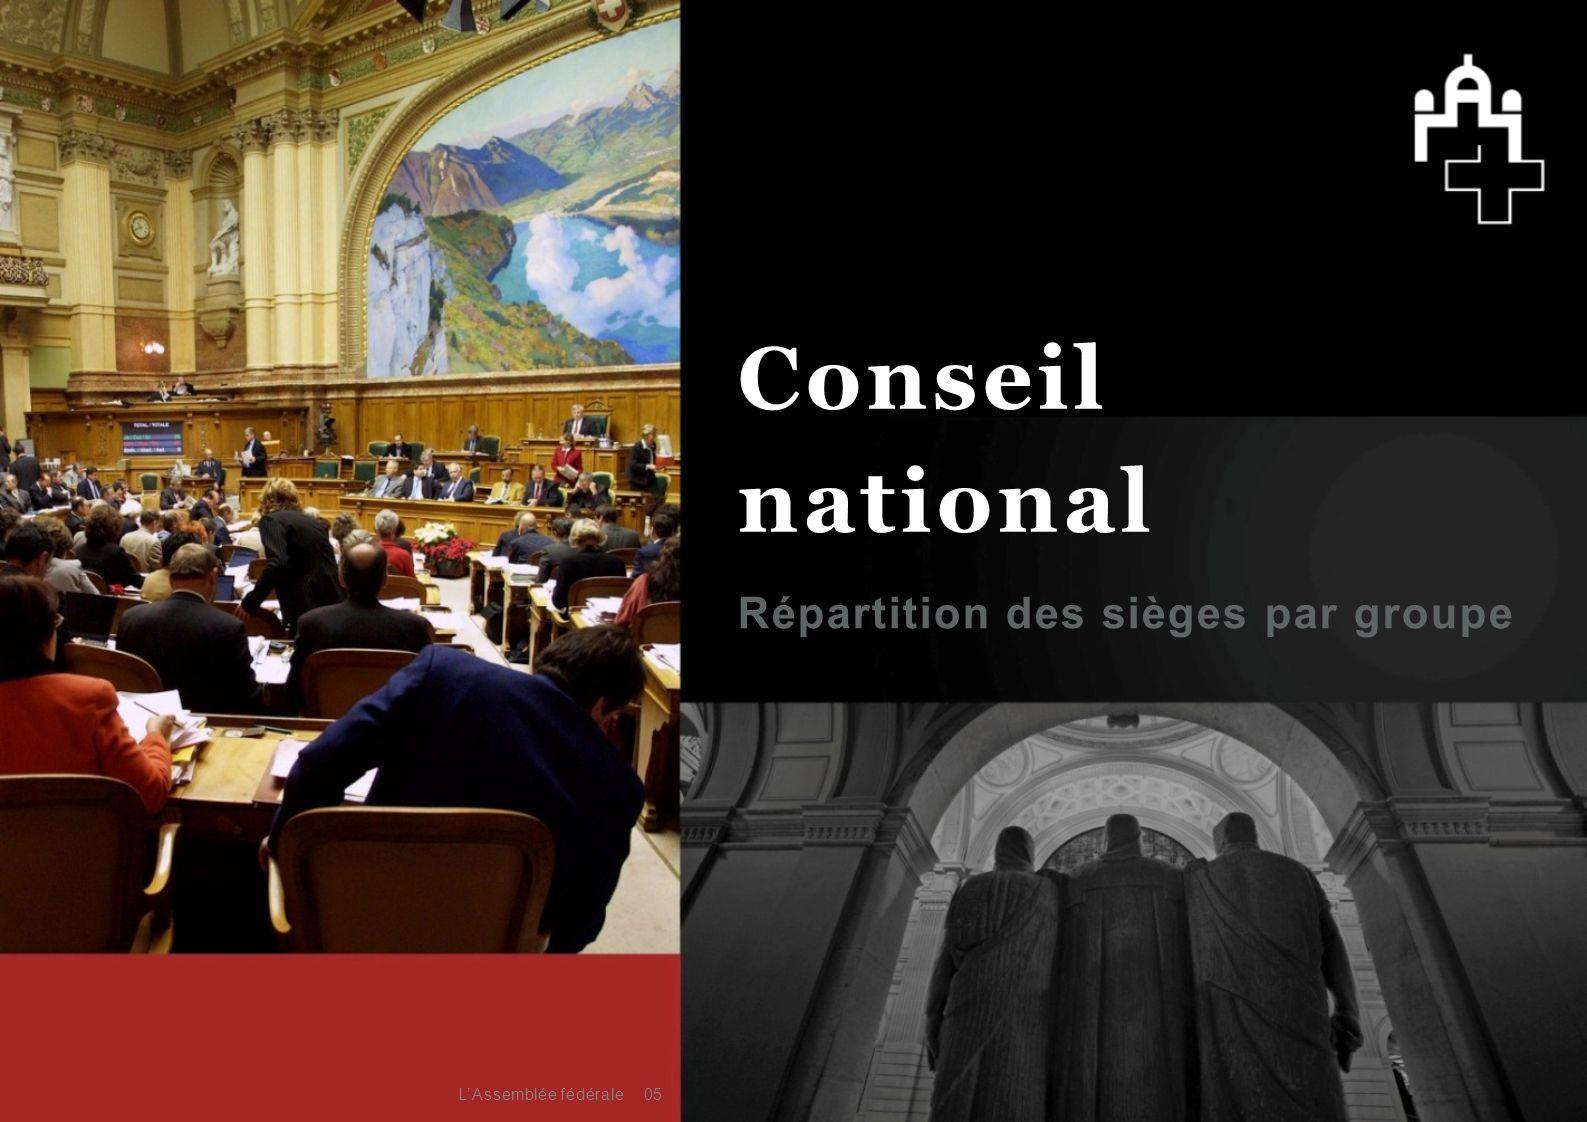 Répartition des sièges par groupe 05 Conseil national L'Assemblée fédérale